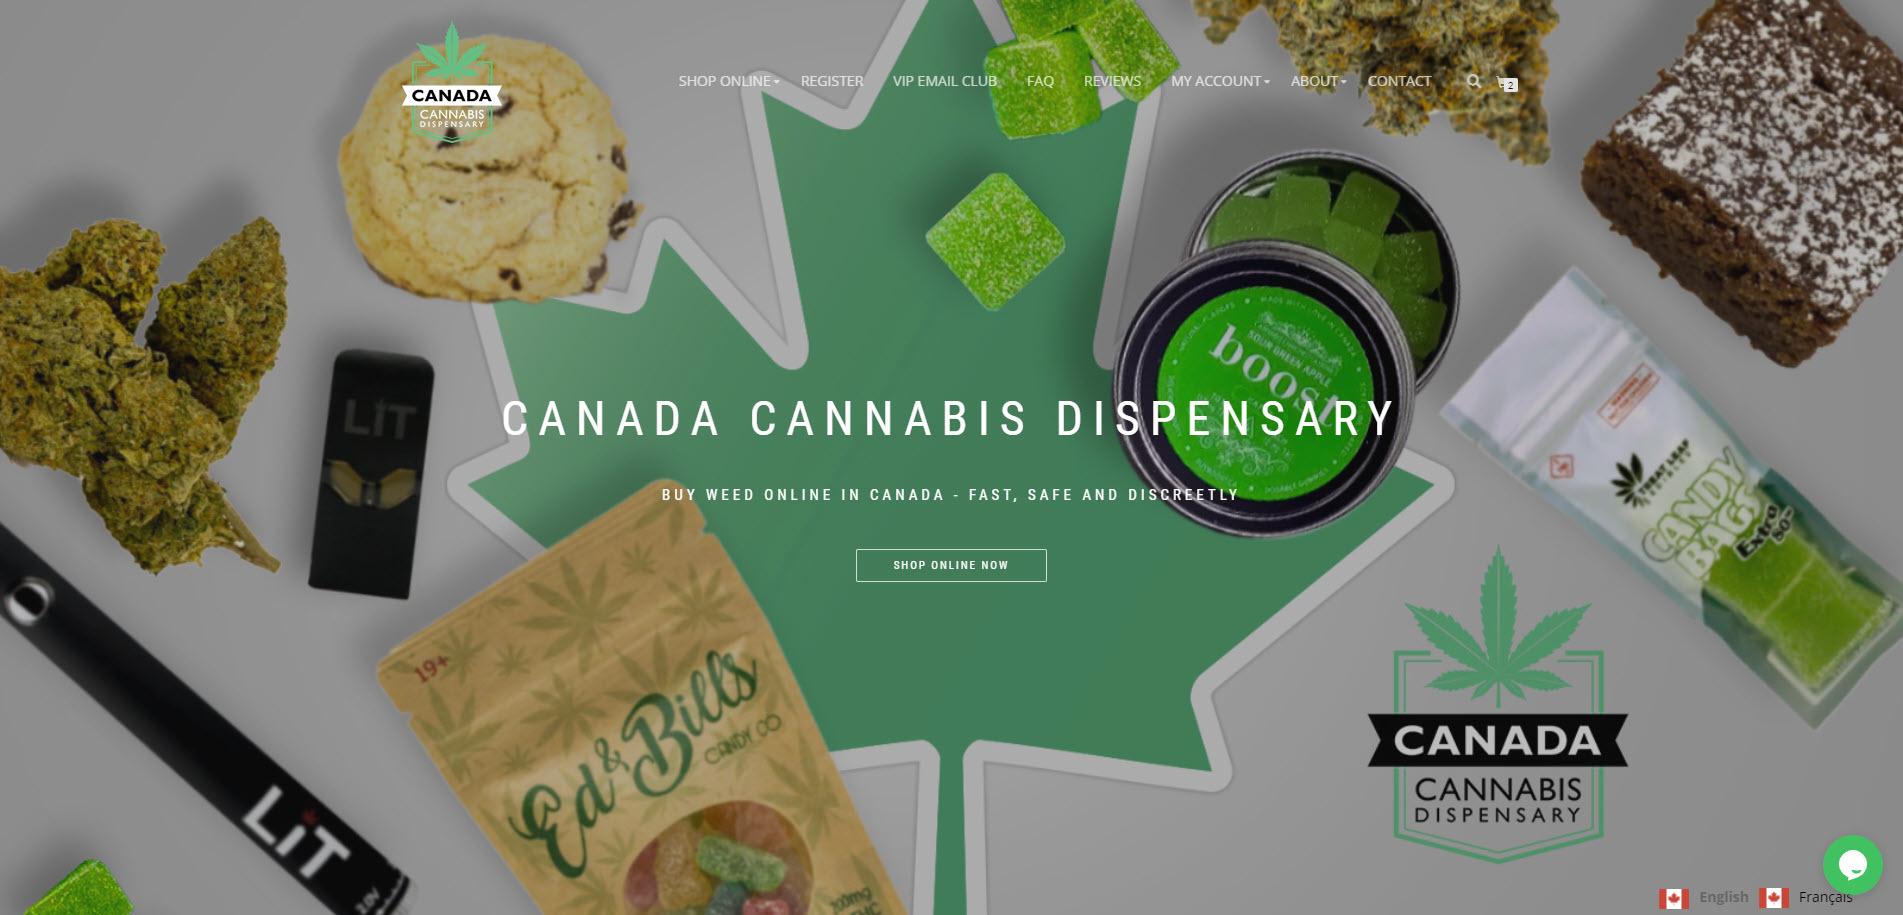 CanadaCannabisDispensary.co Review (9/10)